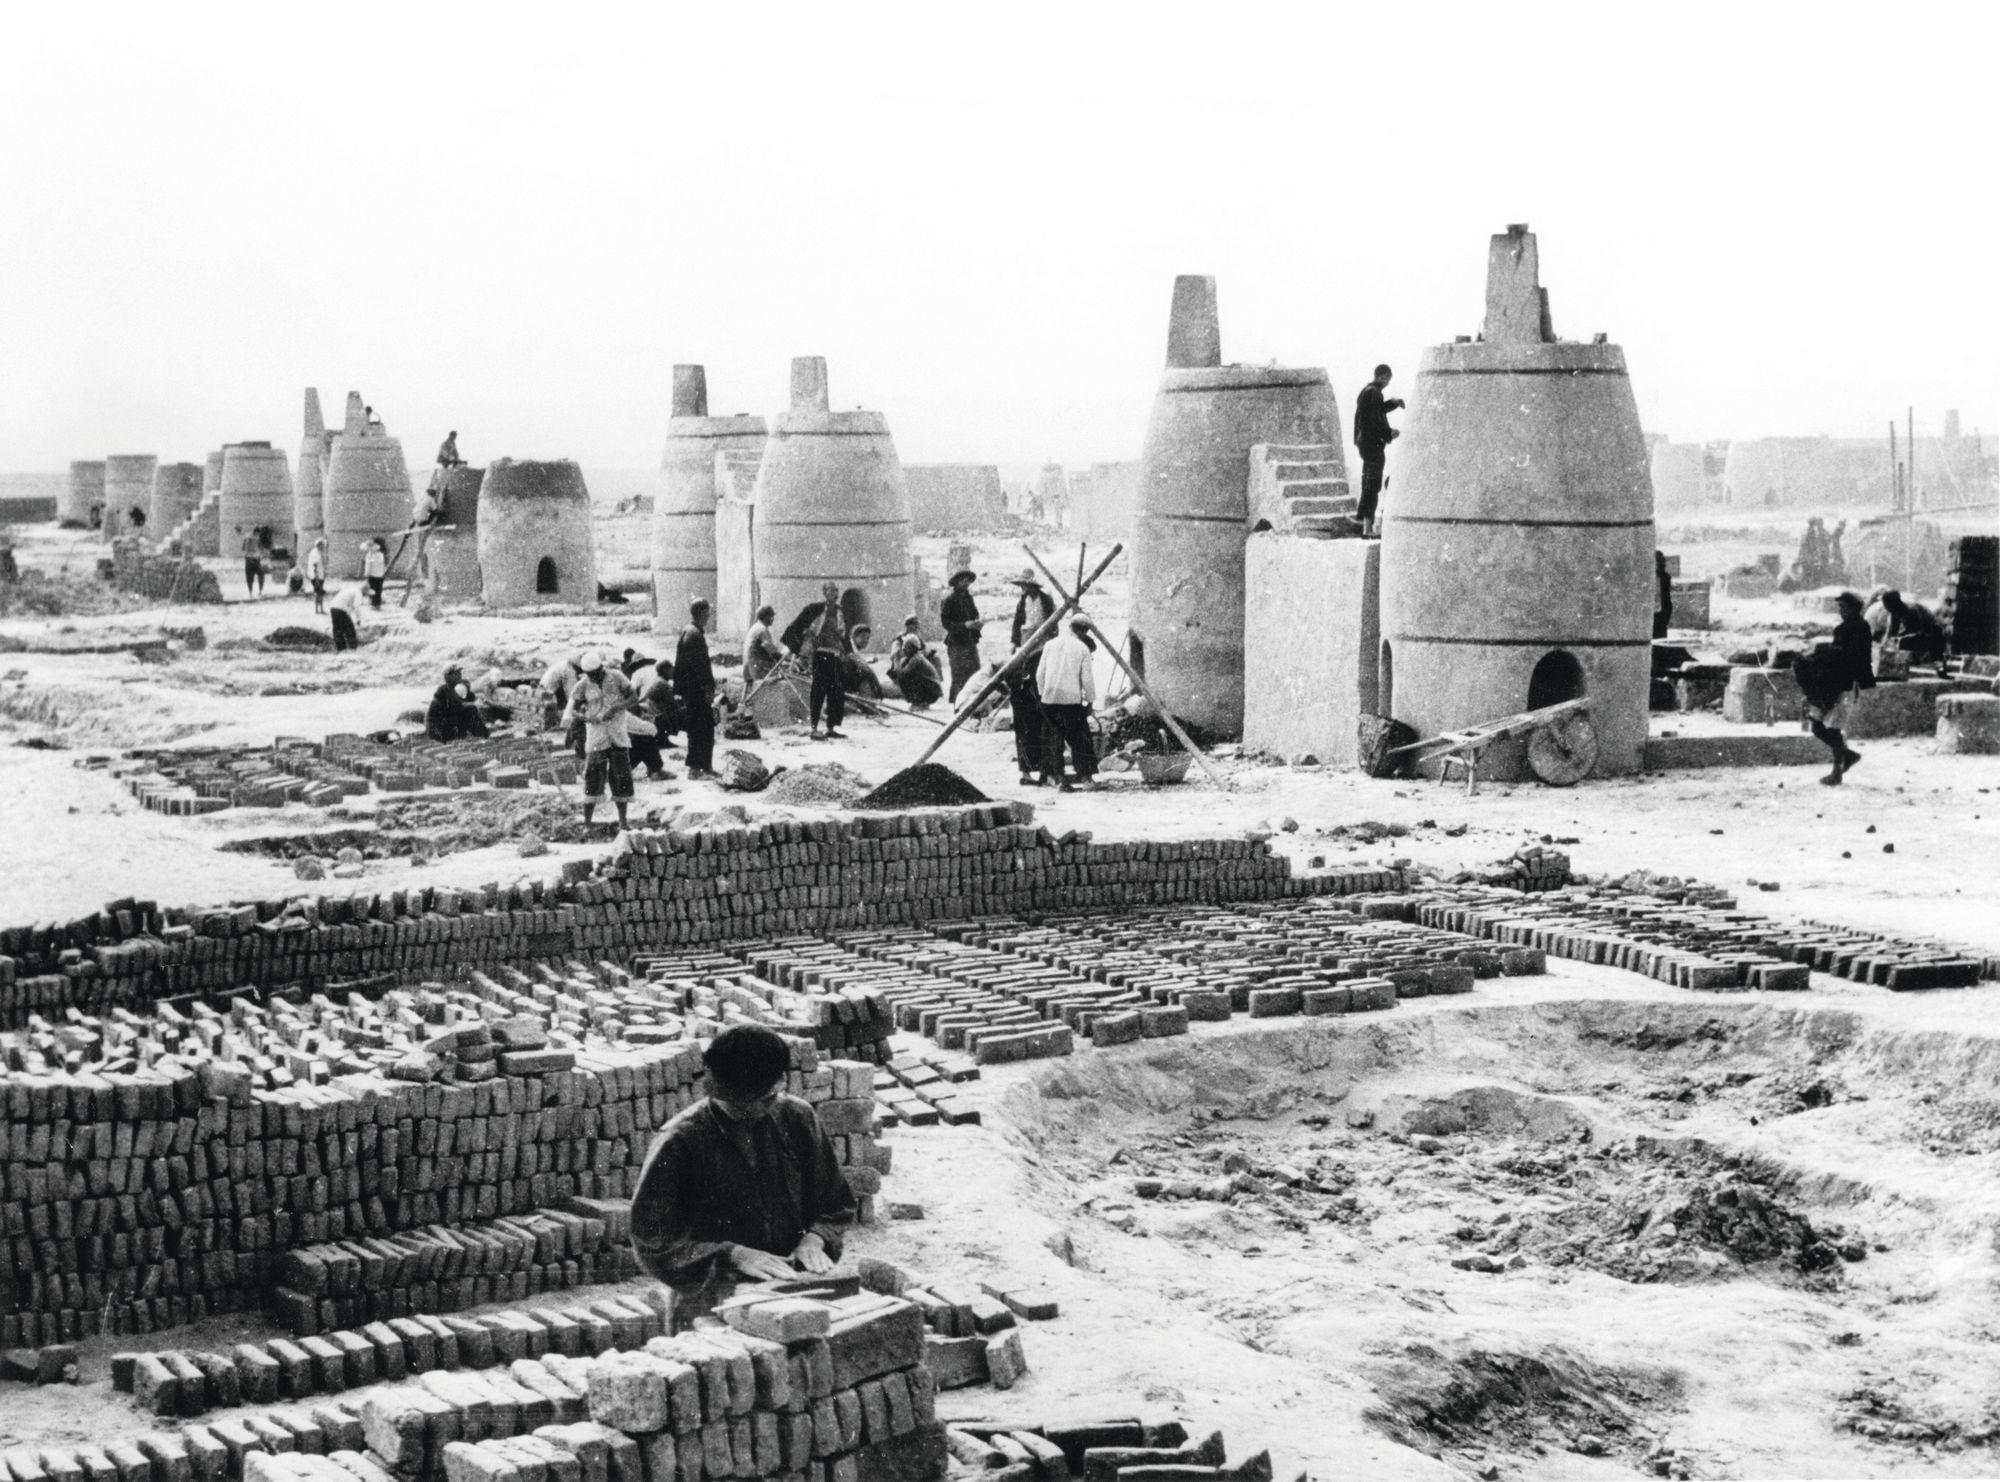 Hauts-fourneaux installés dans la province du Xinjiang, 1959, photographie